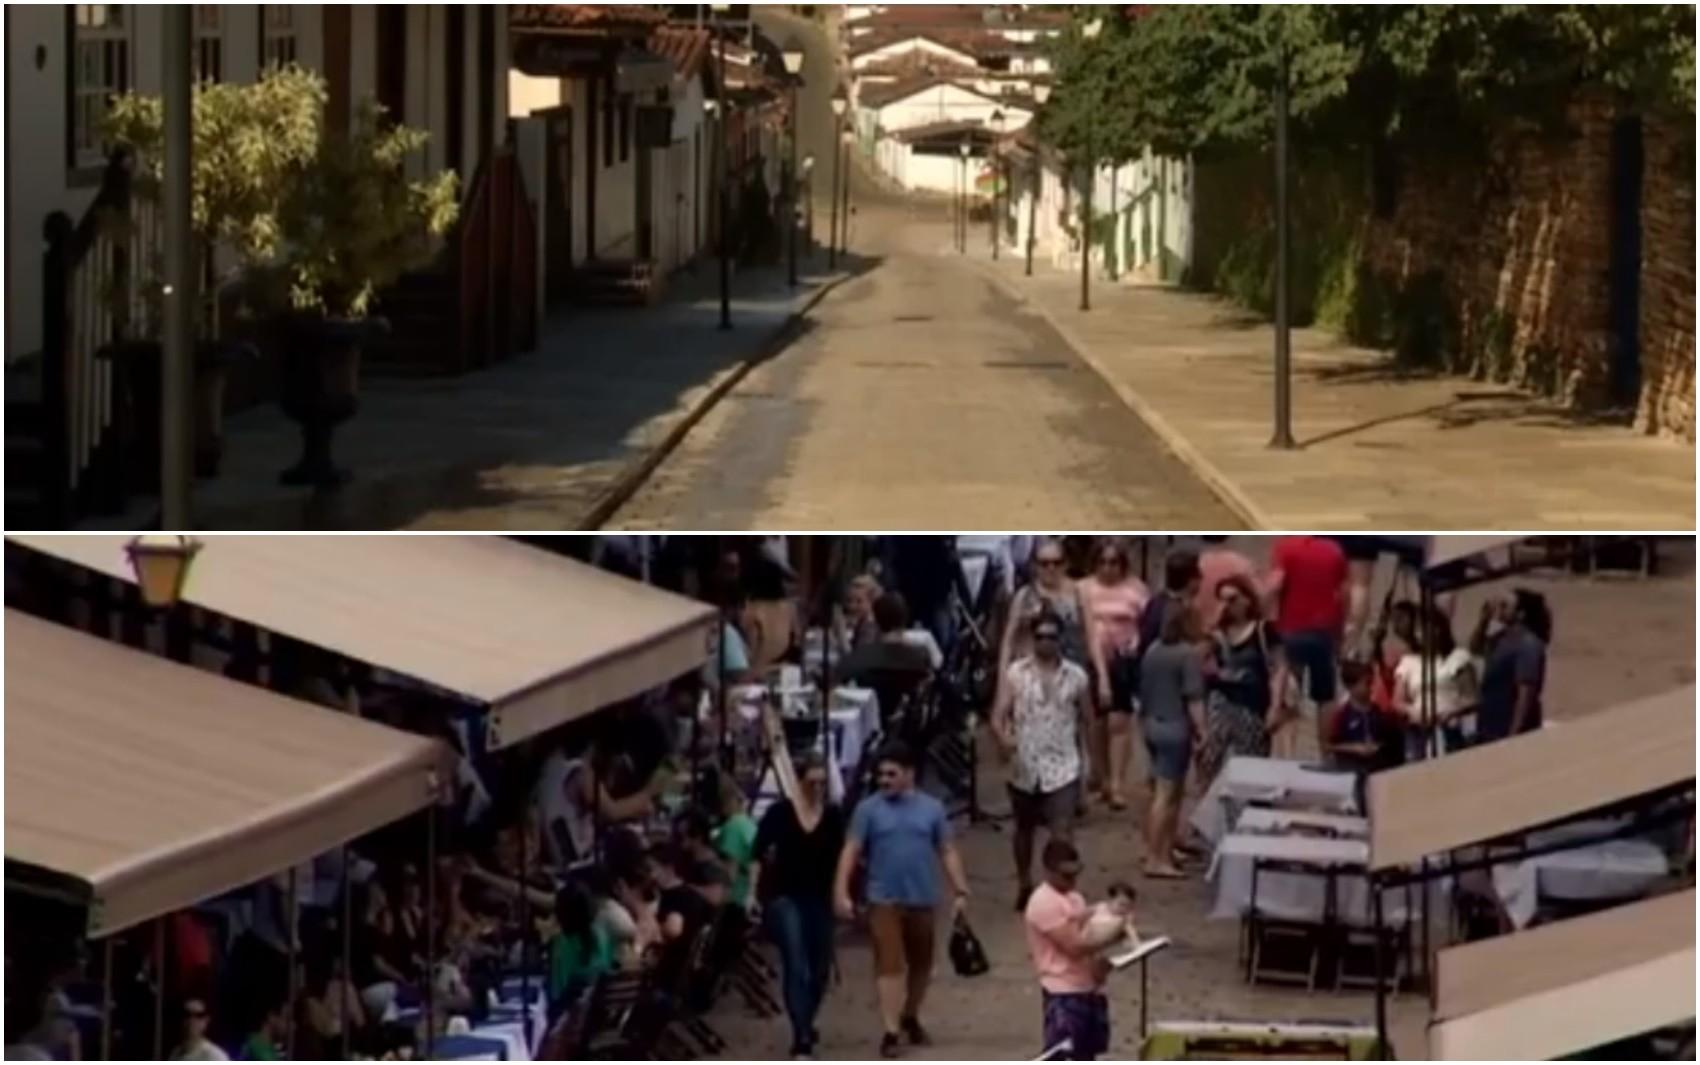 Novo decreto estabelece toque de recolher e mantém turismo suspenso em Pirenópolis